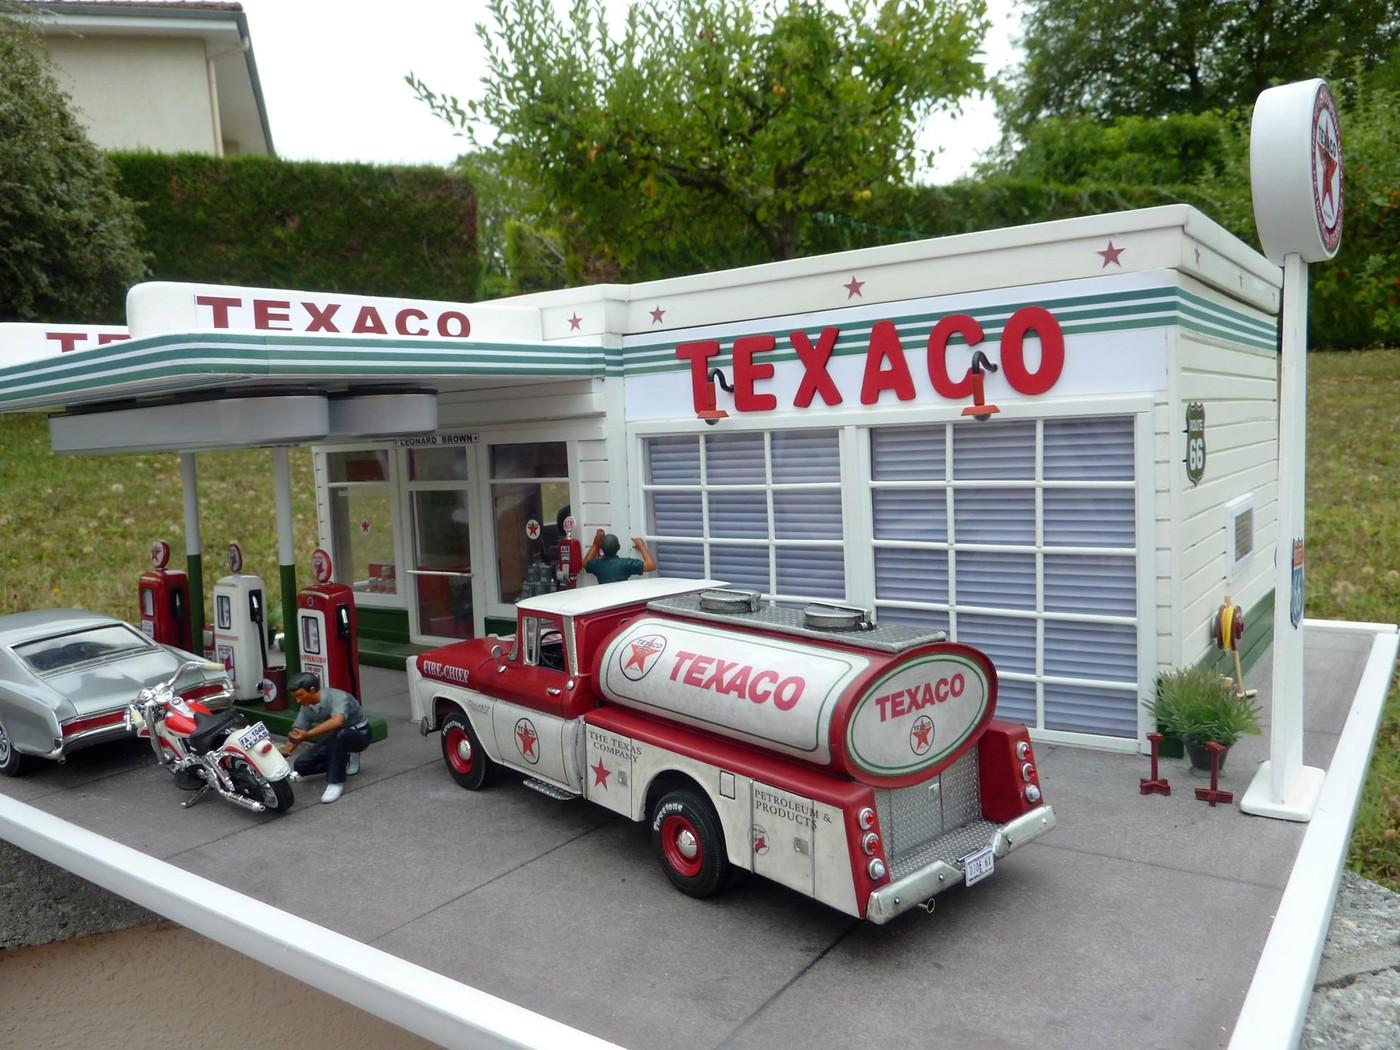 Chevy pickup 60 citerne texaco terminé - Page 3 Photo15-vi